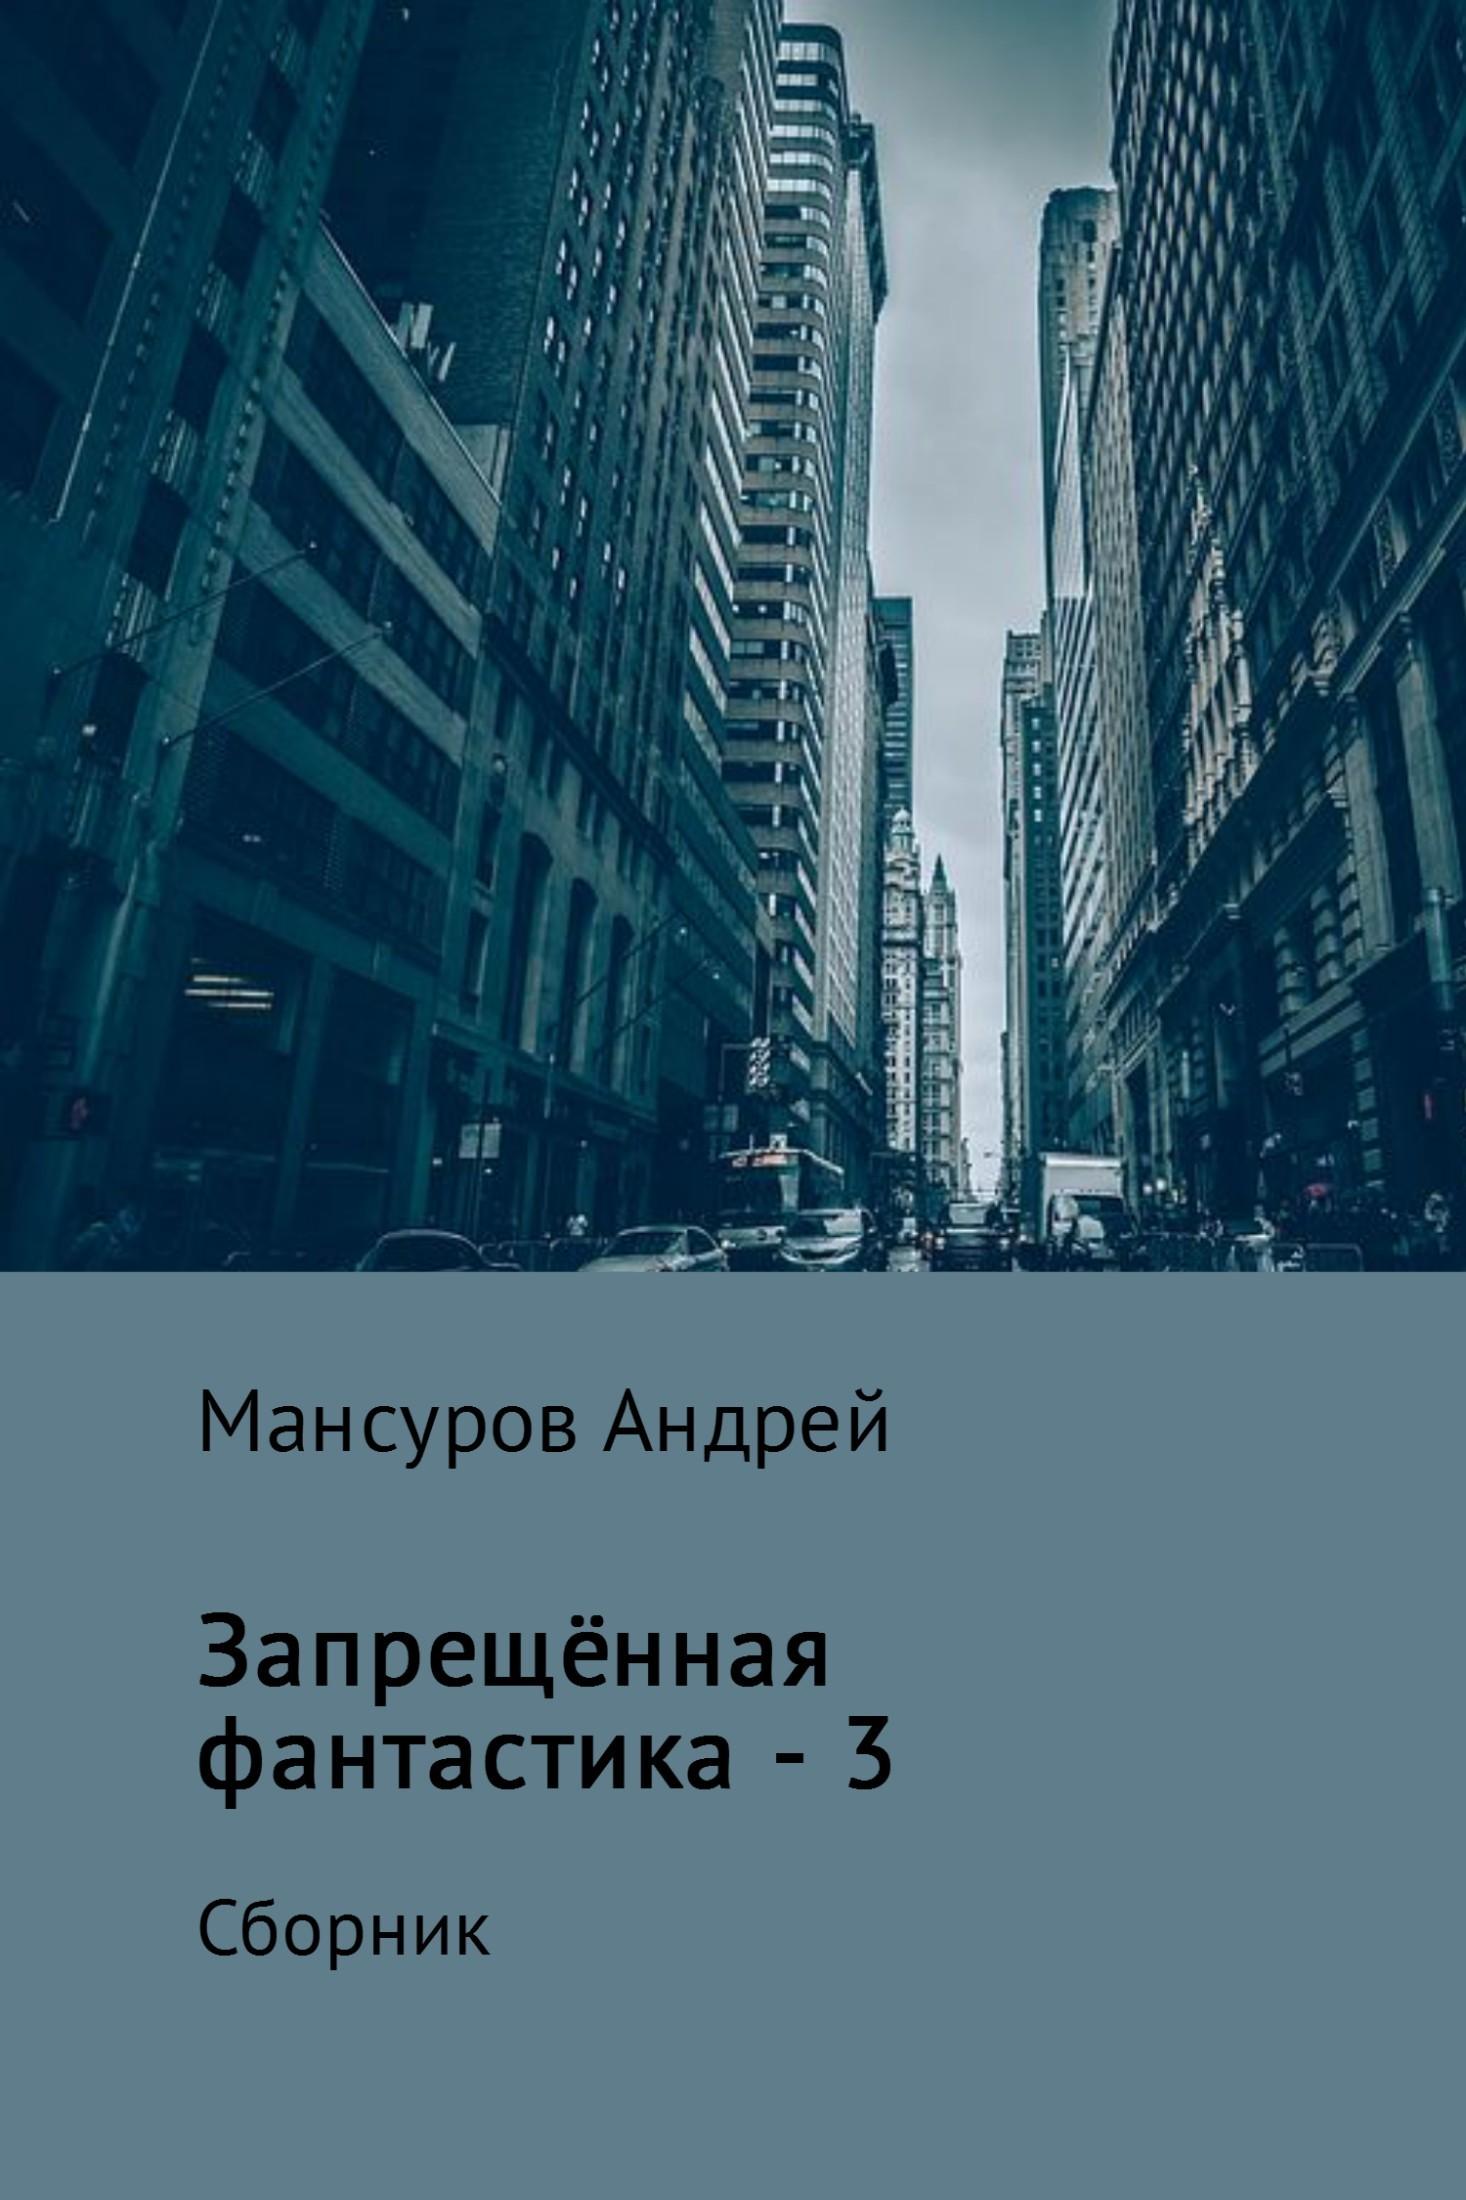 Андрей Арсланович Мансуров. Запрещённая фантастика – 3